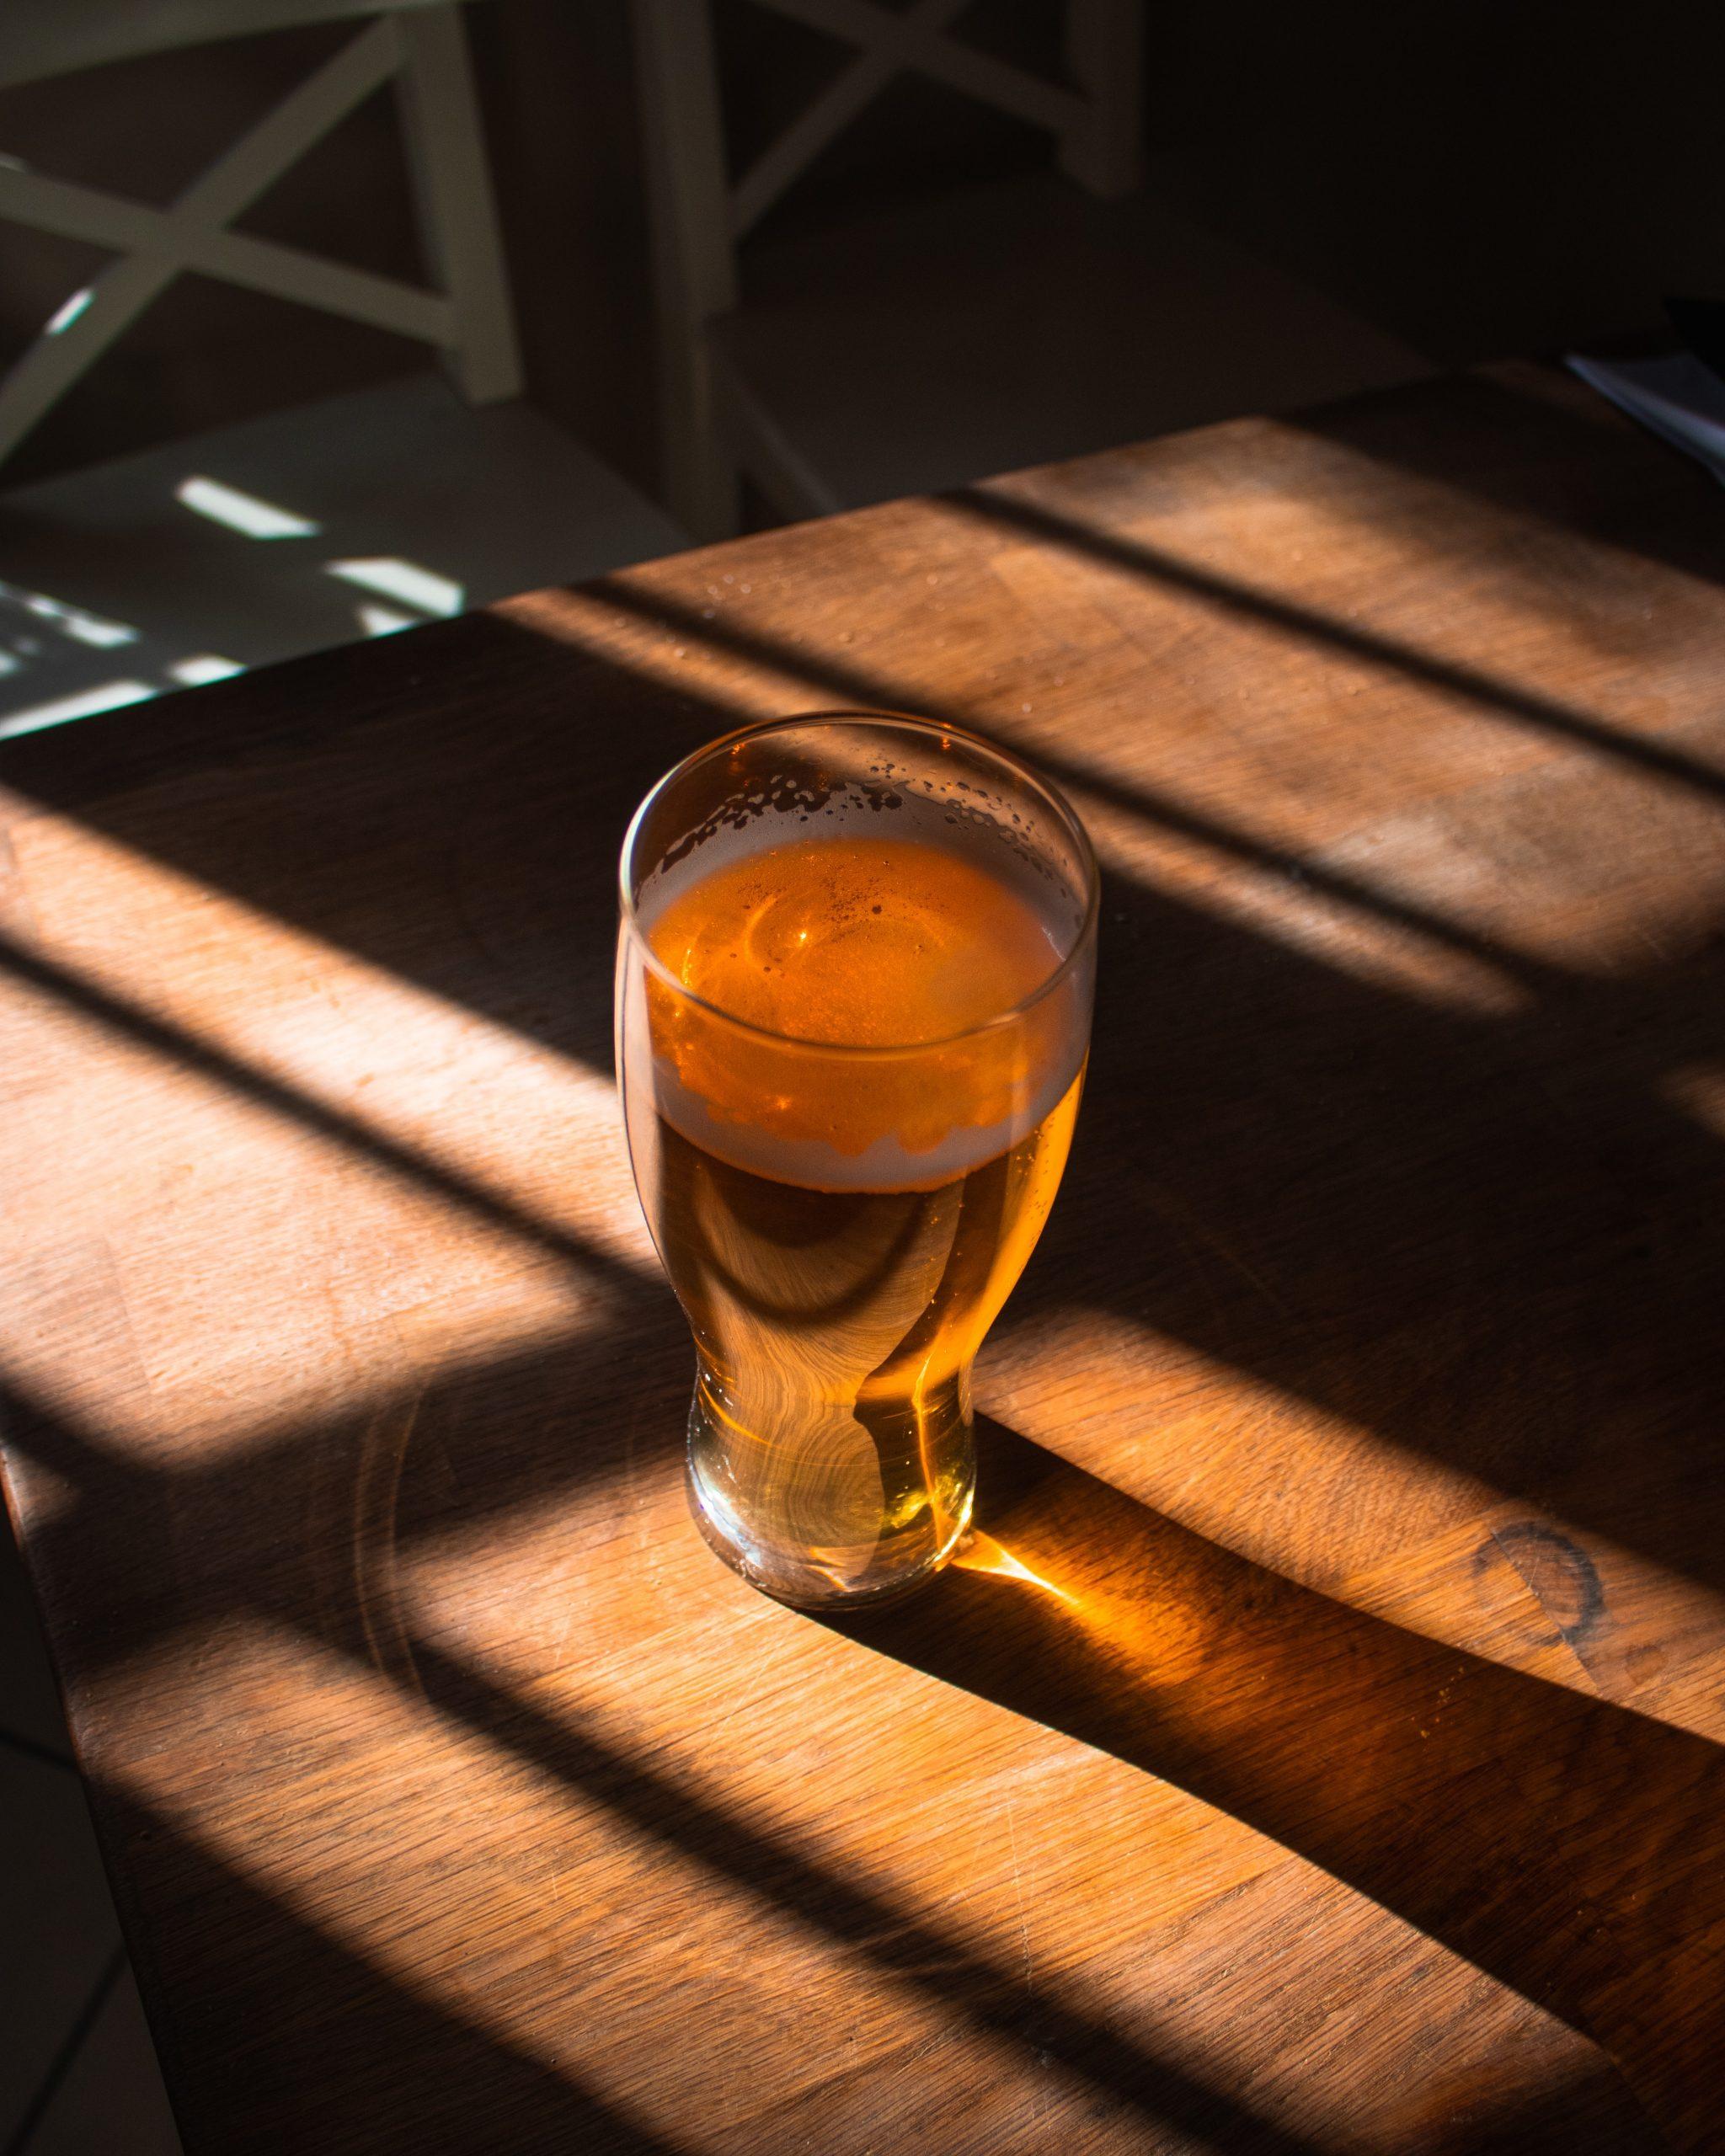 Piwo Buh. Real Time Marketing i balansowanie na krawędzi